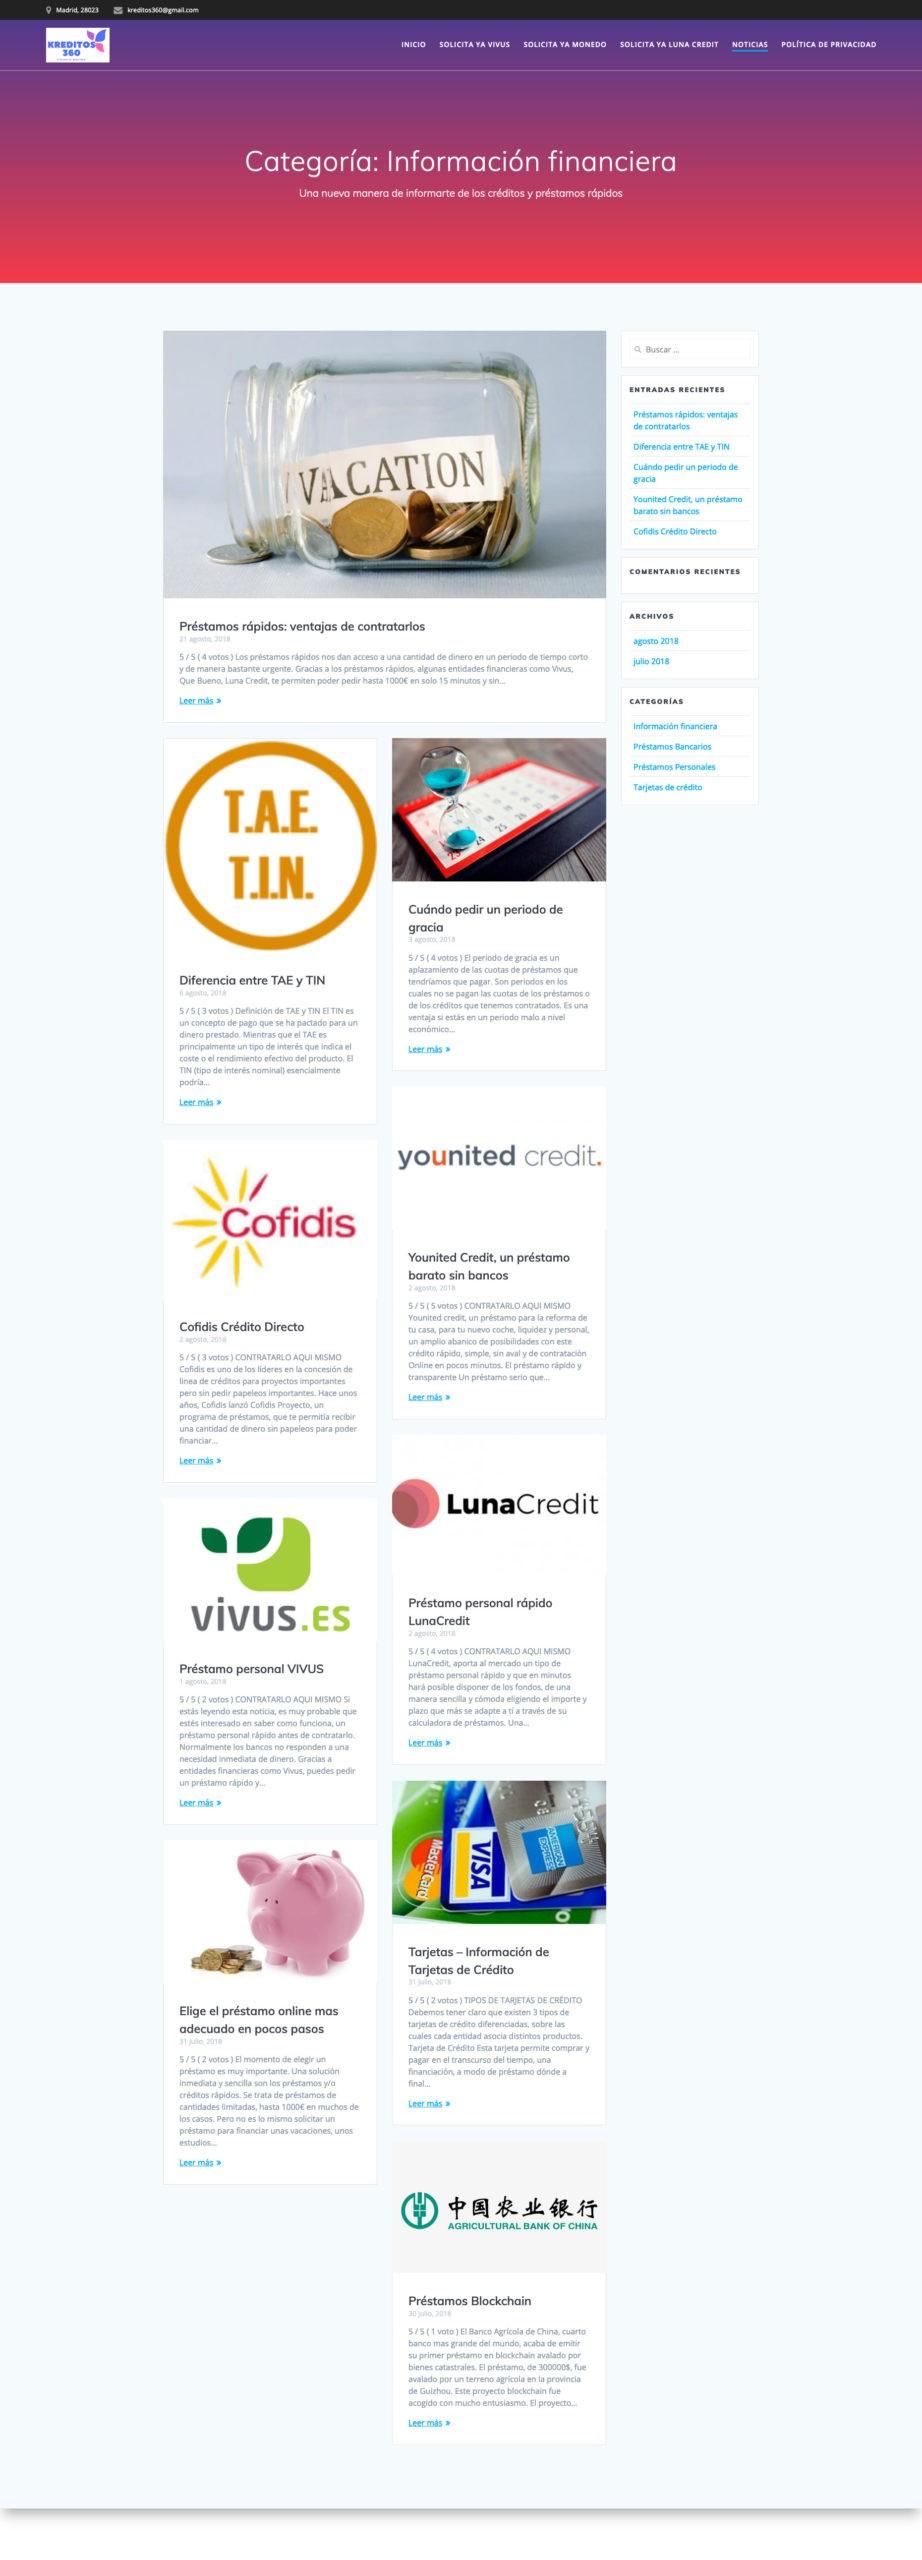 Screenshot_2019-11-19 Información financiera Archives - Comparador de préstamos y creditos